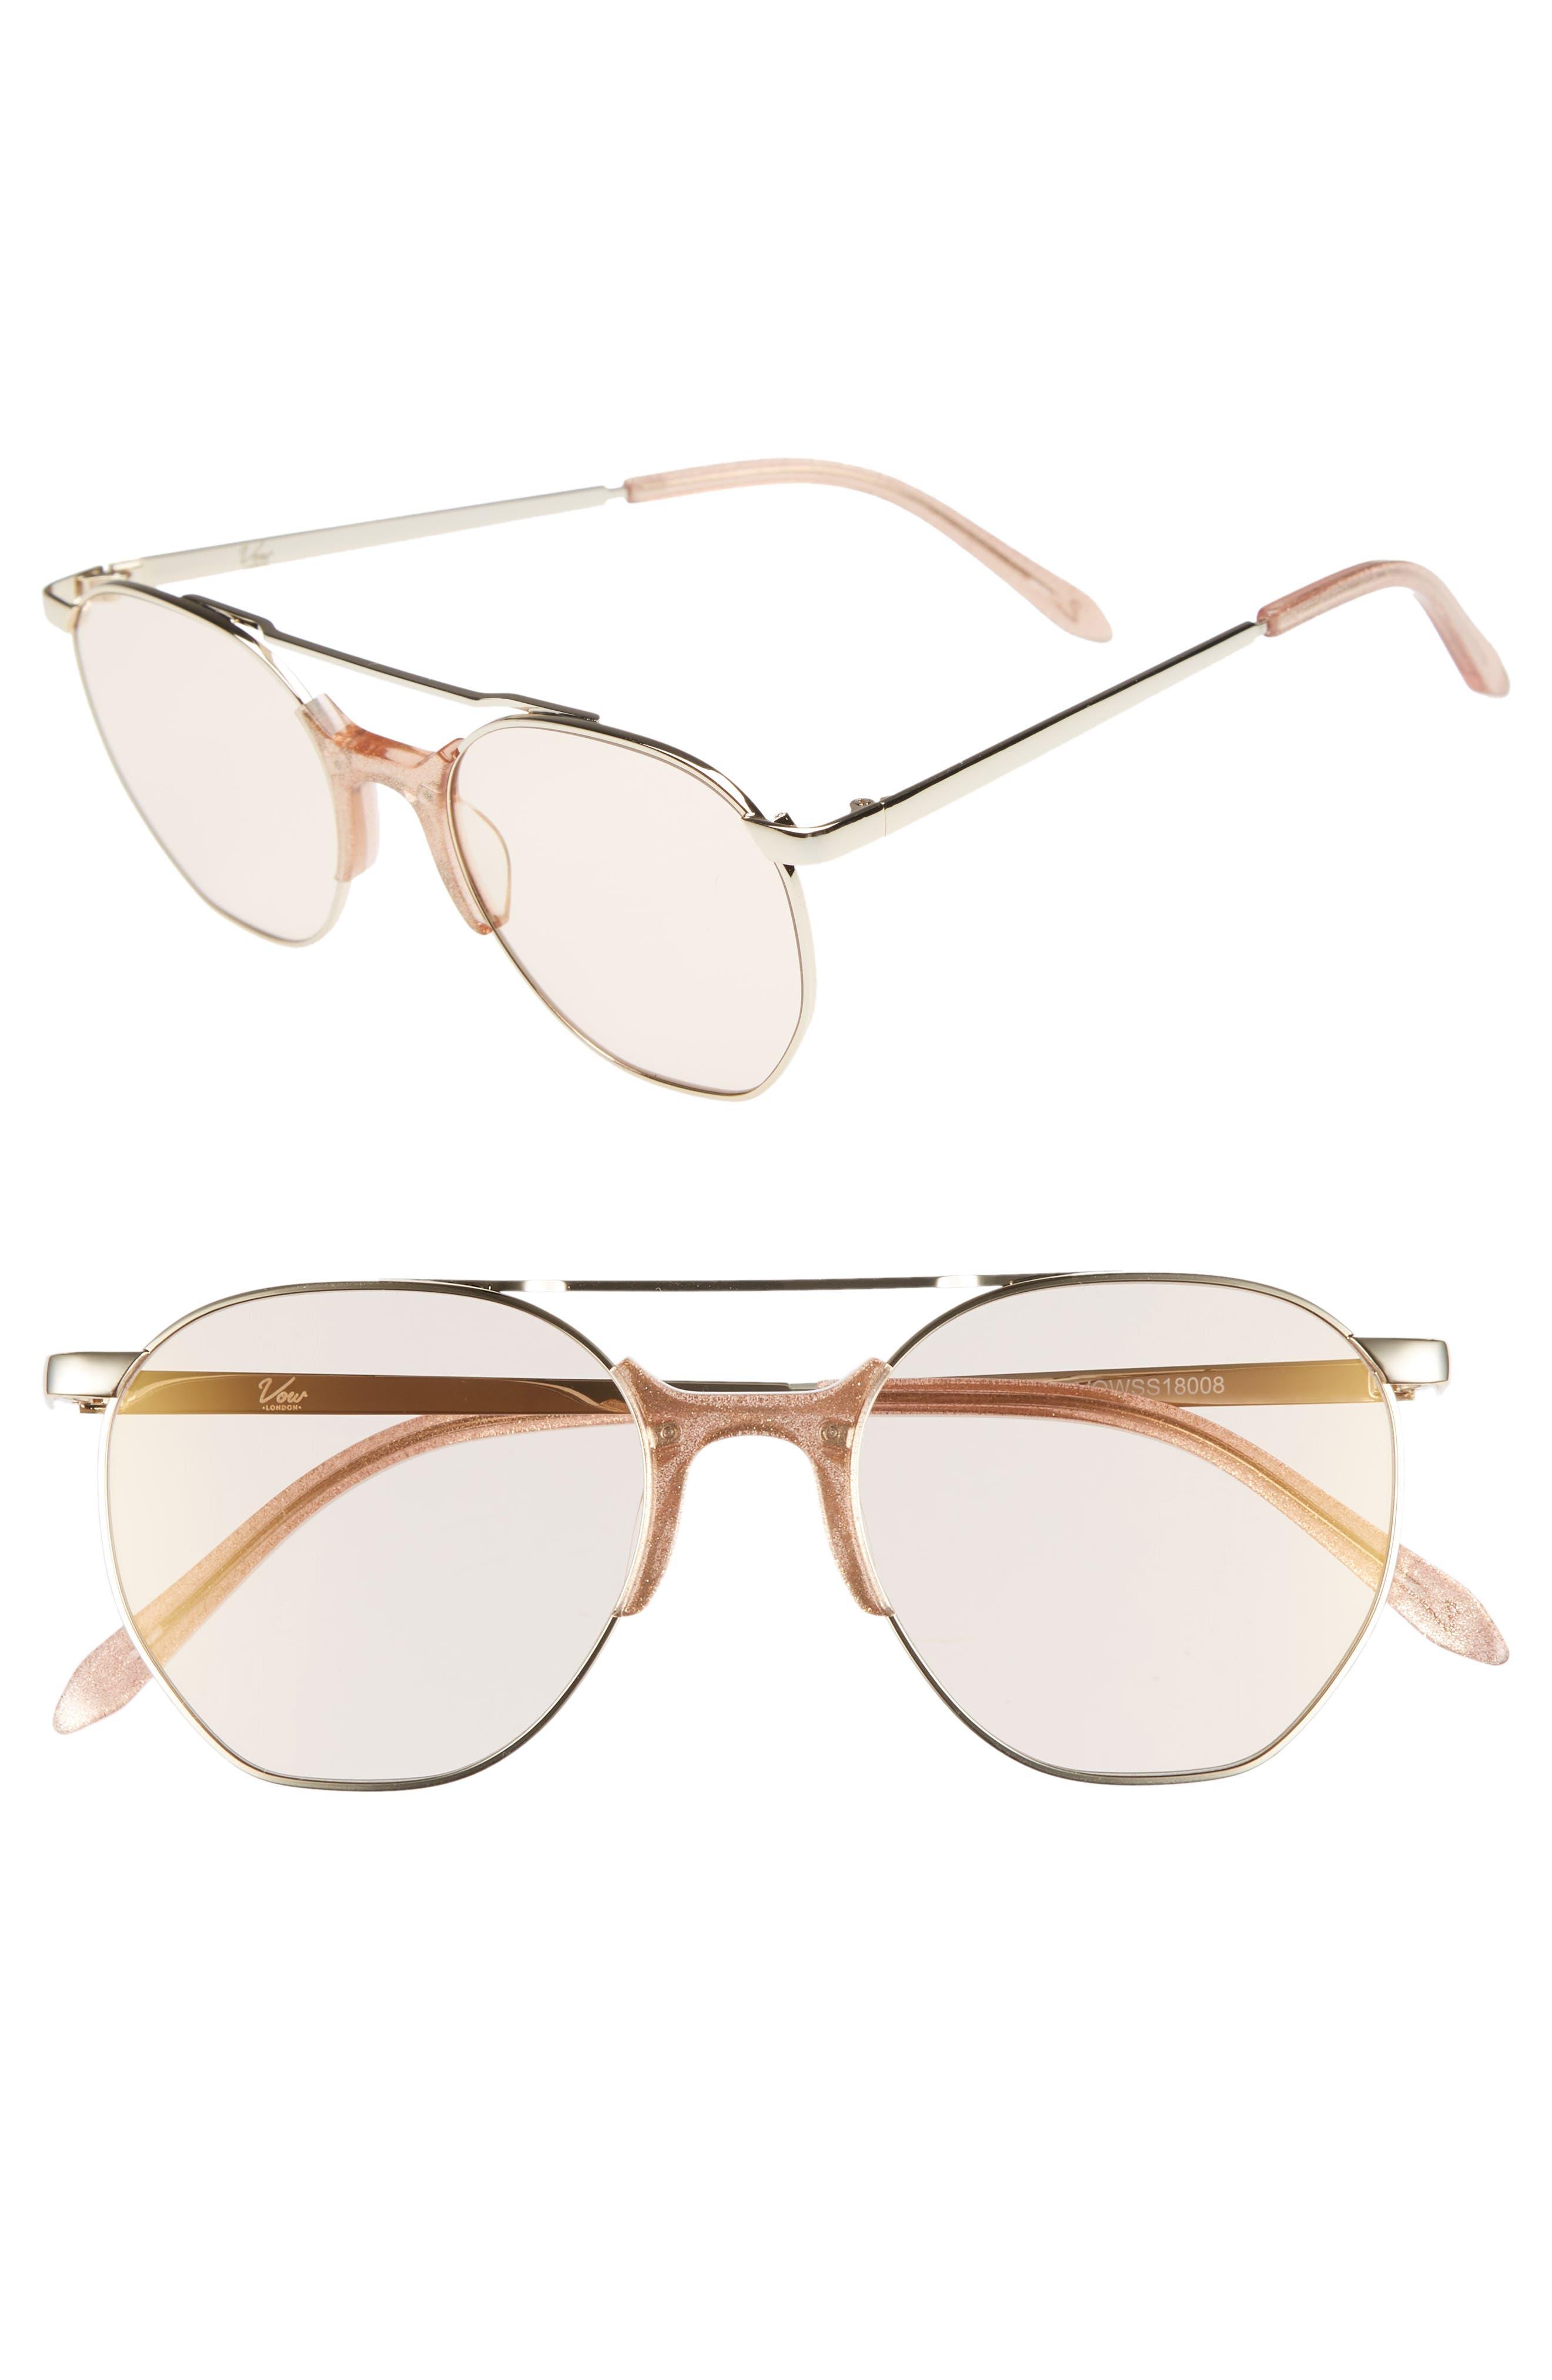 49192183bdcb5 VOW LONDON Sunglasses for Women